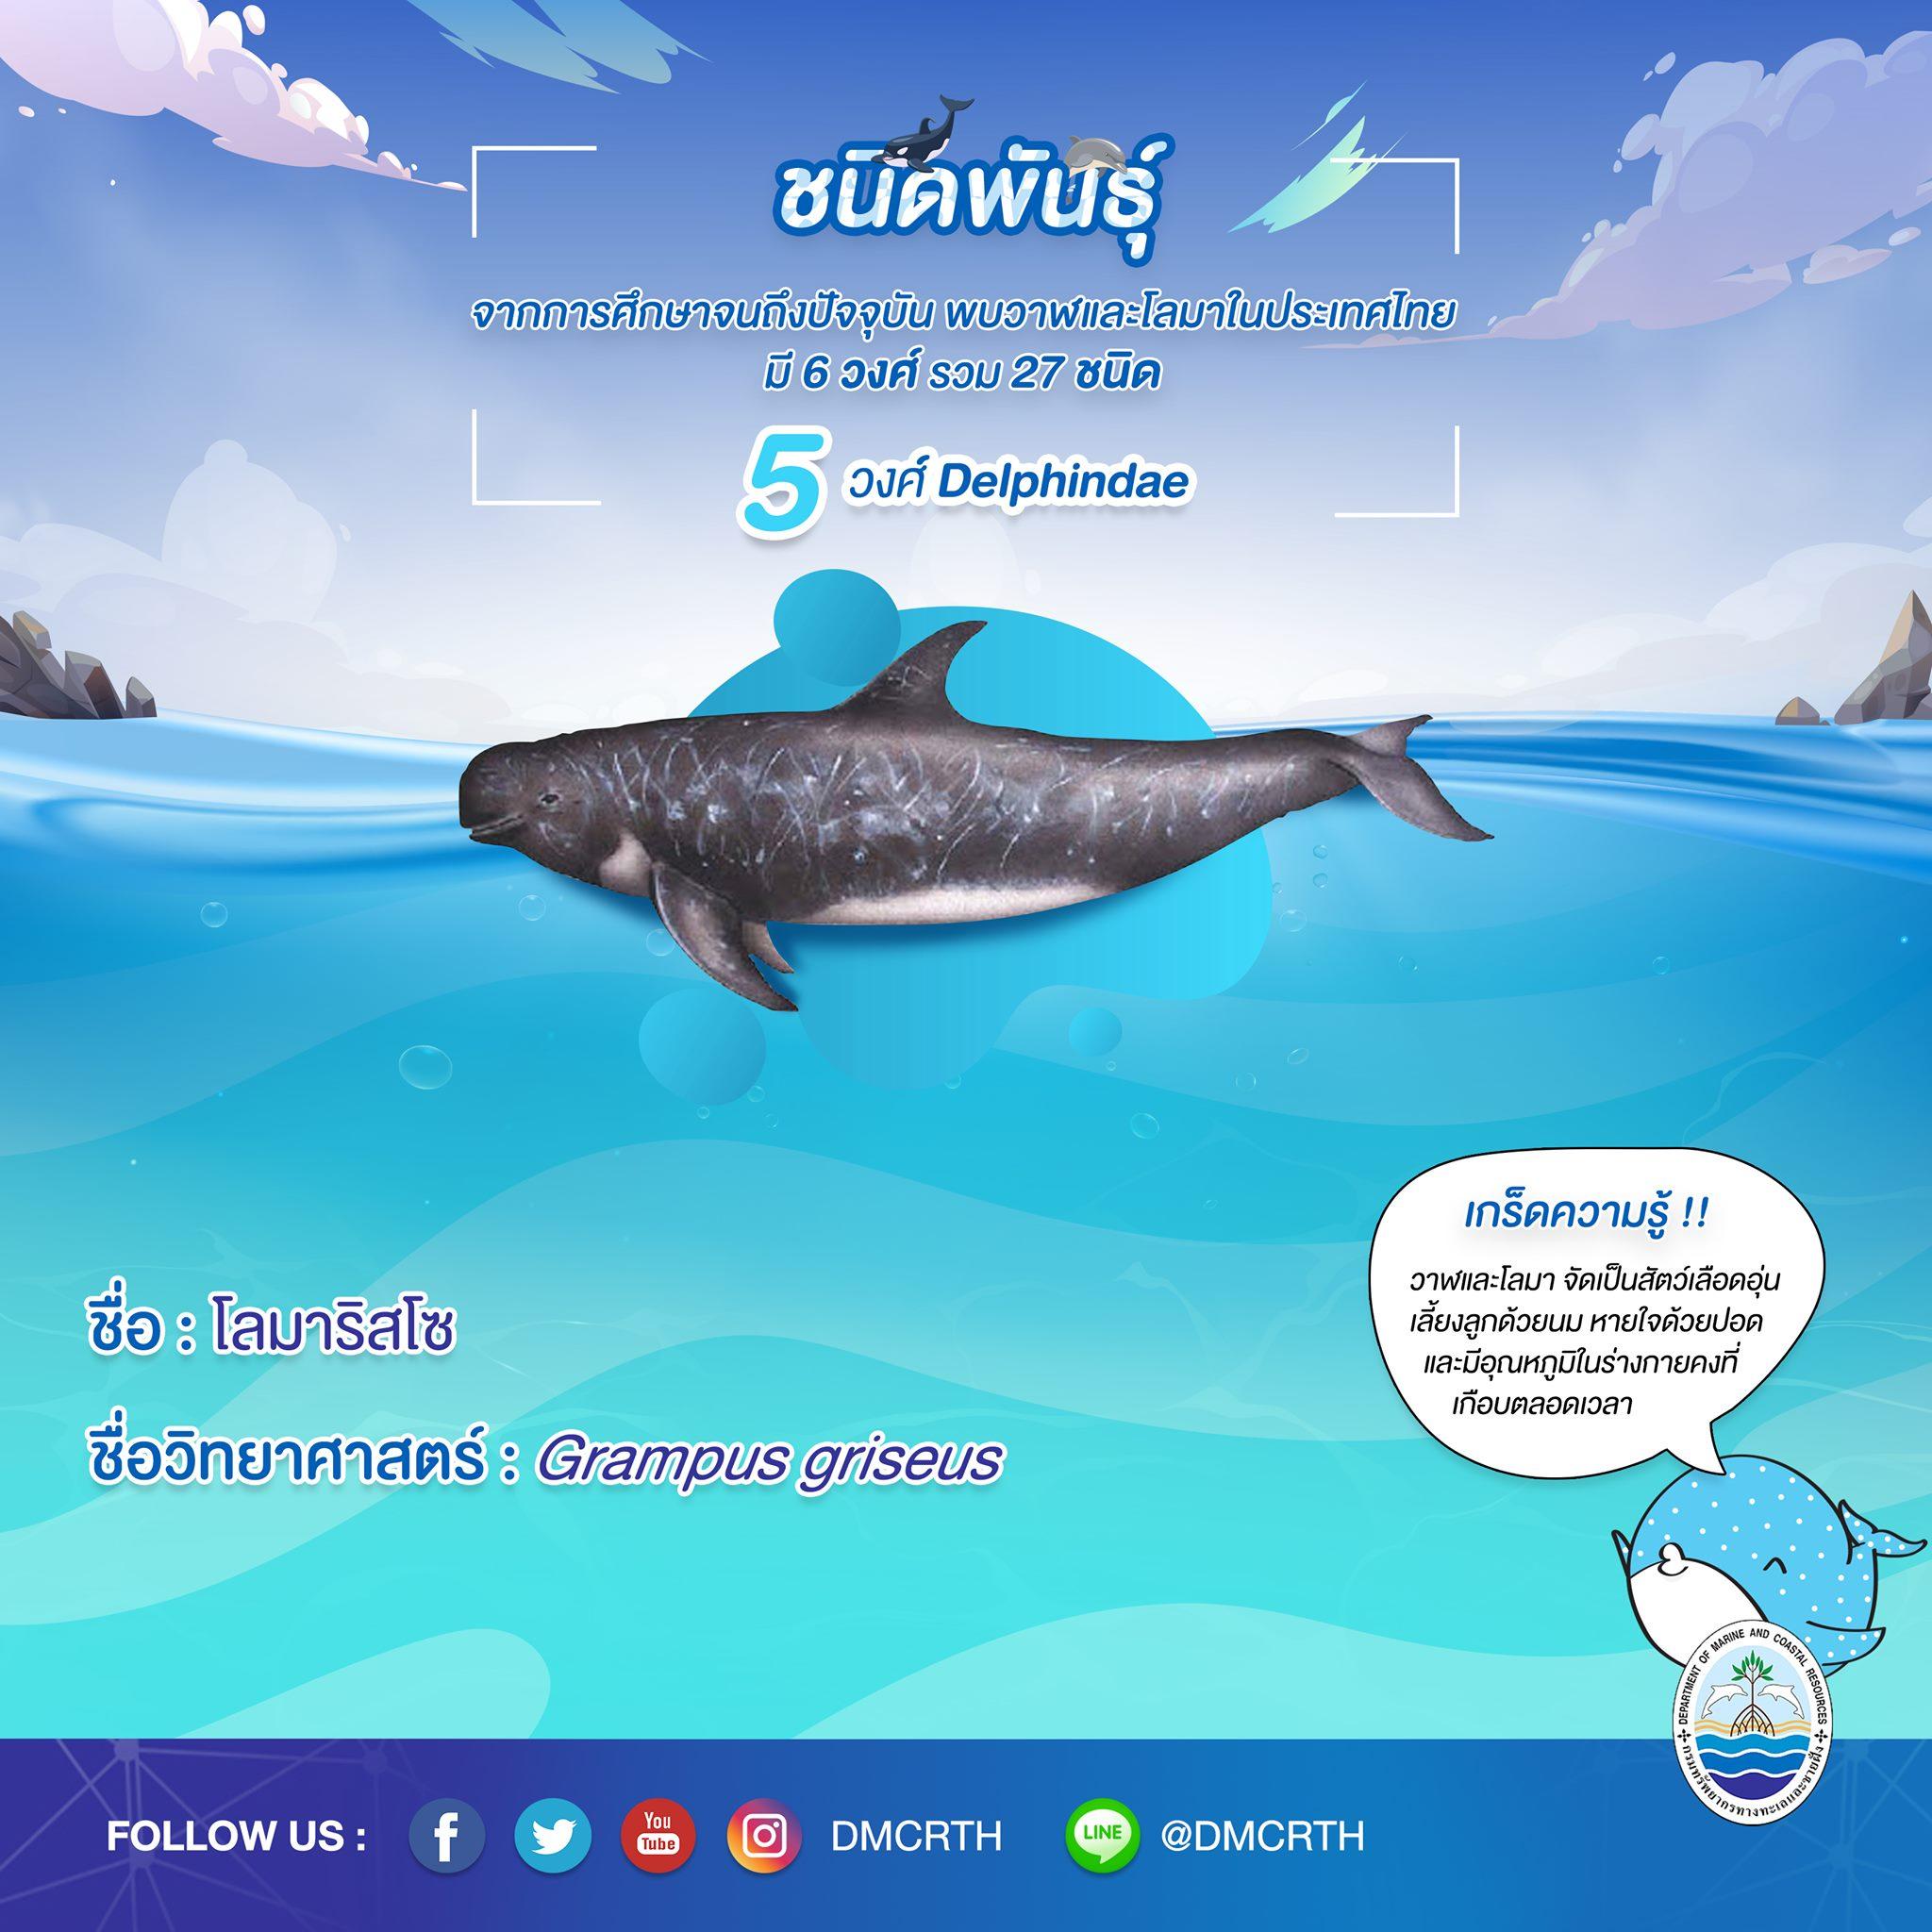 รู้จักเรา รู้จักวาฬ/โลมา วันละชนิด #๒๖ โลมาริสโซ